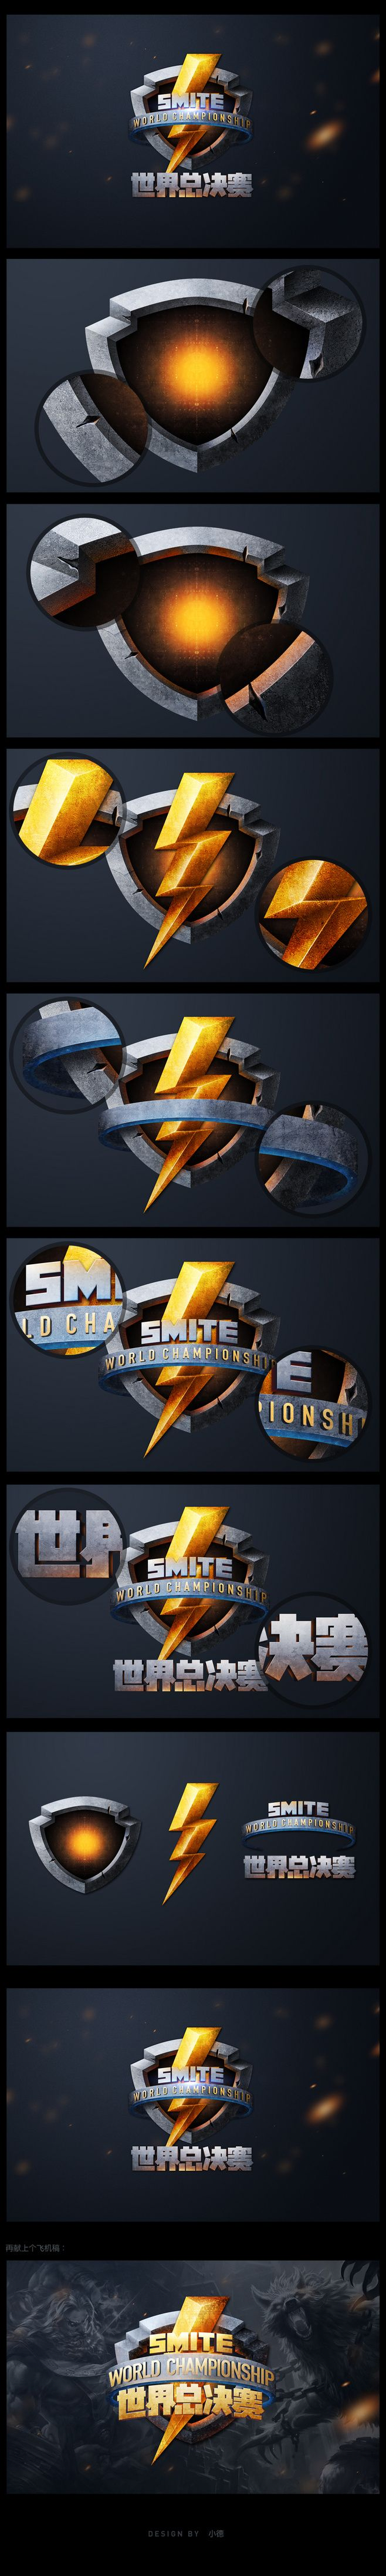 查看《SMITE世界总决赛logo》原图...